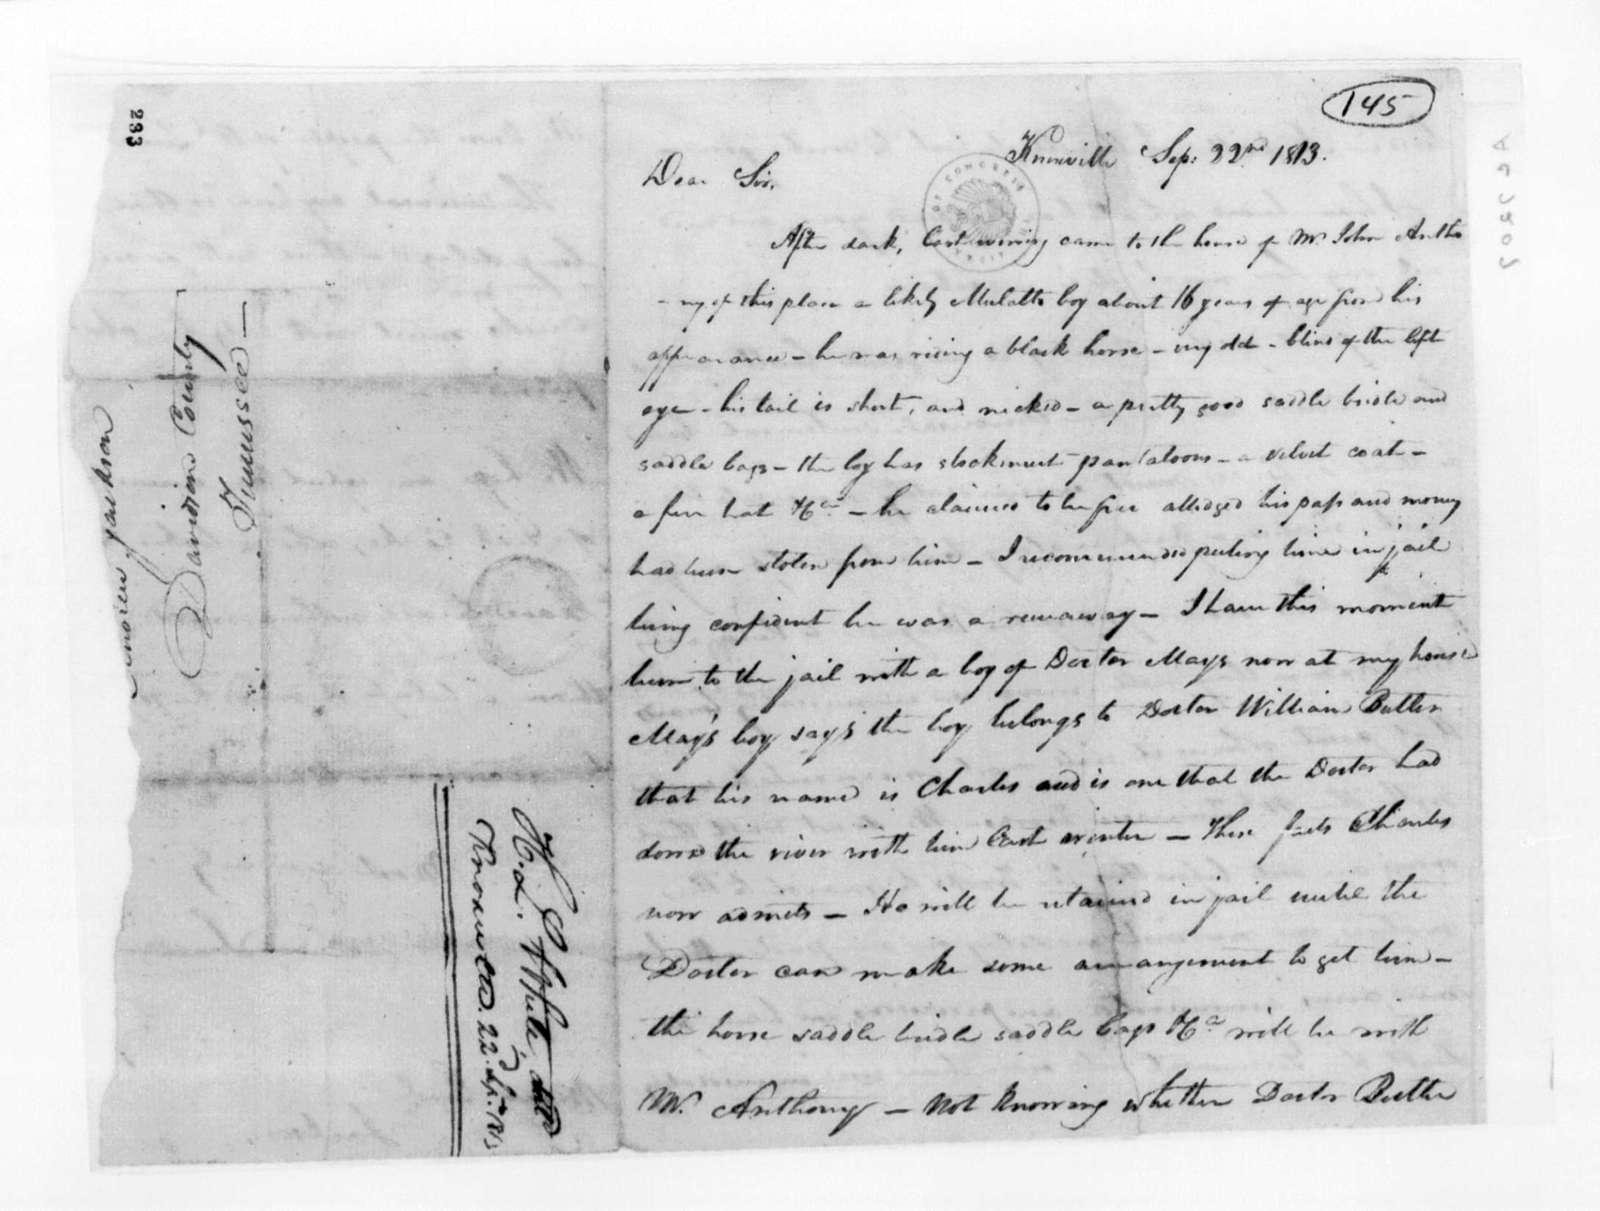 Hugh Lawson White to Andrew Jackson, September 22, 1813